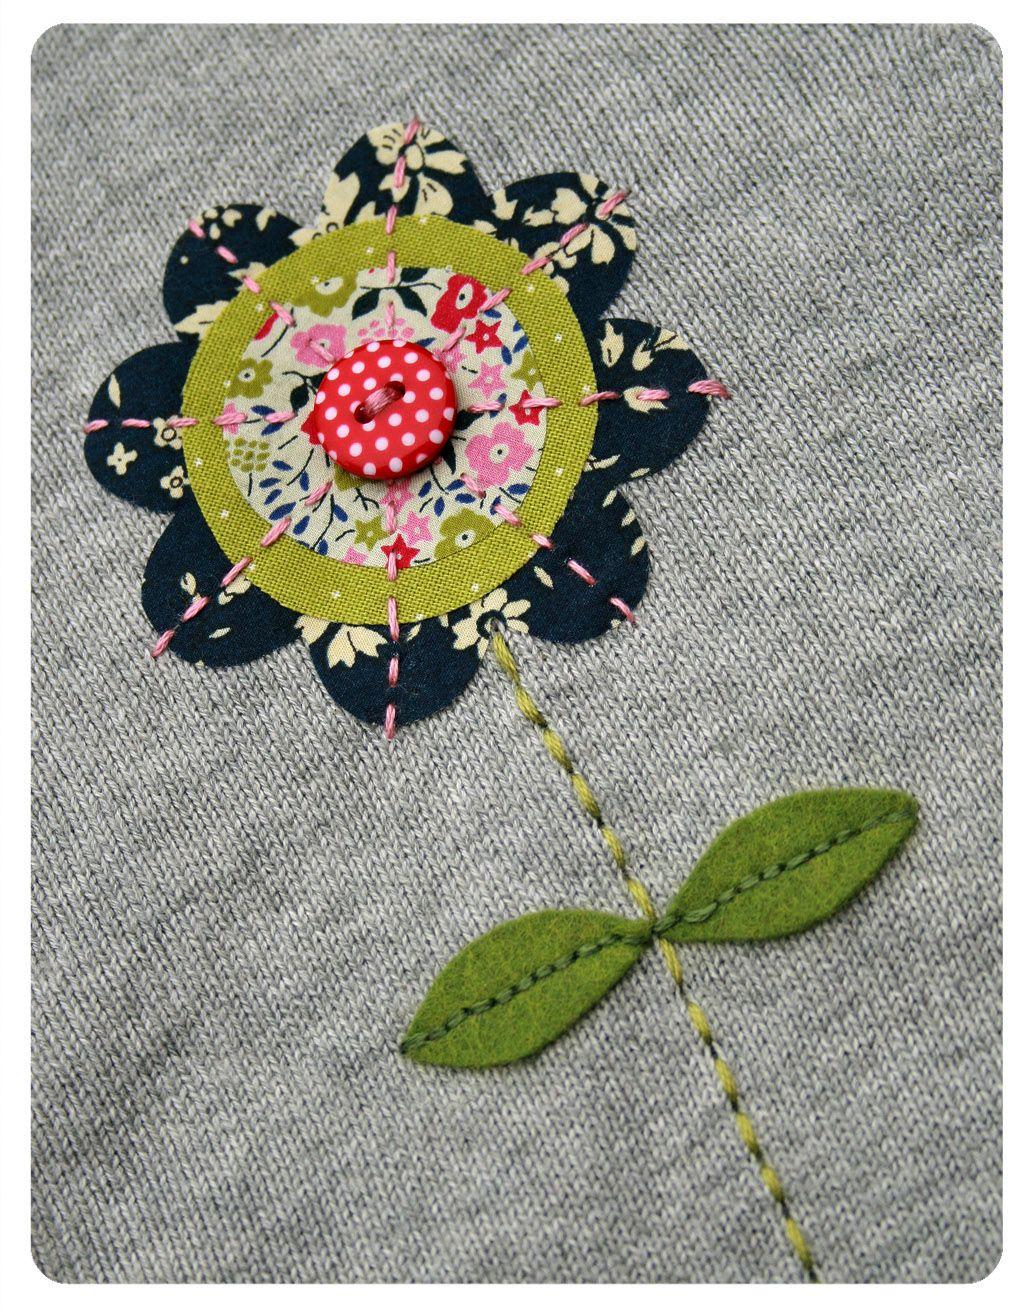 Pin von Lacy Parish auf DIY | Pinterest | Blume applikation ...